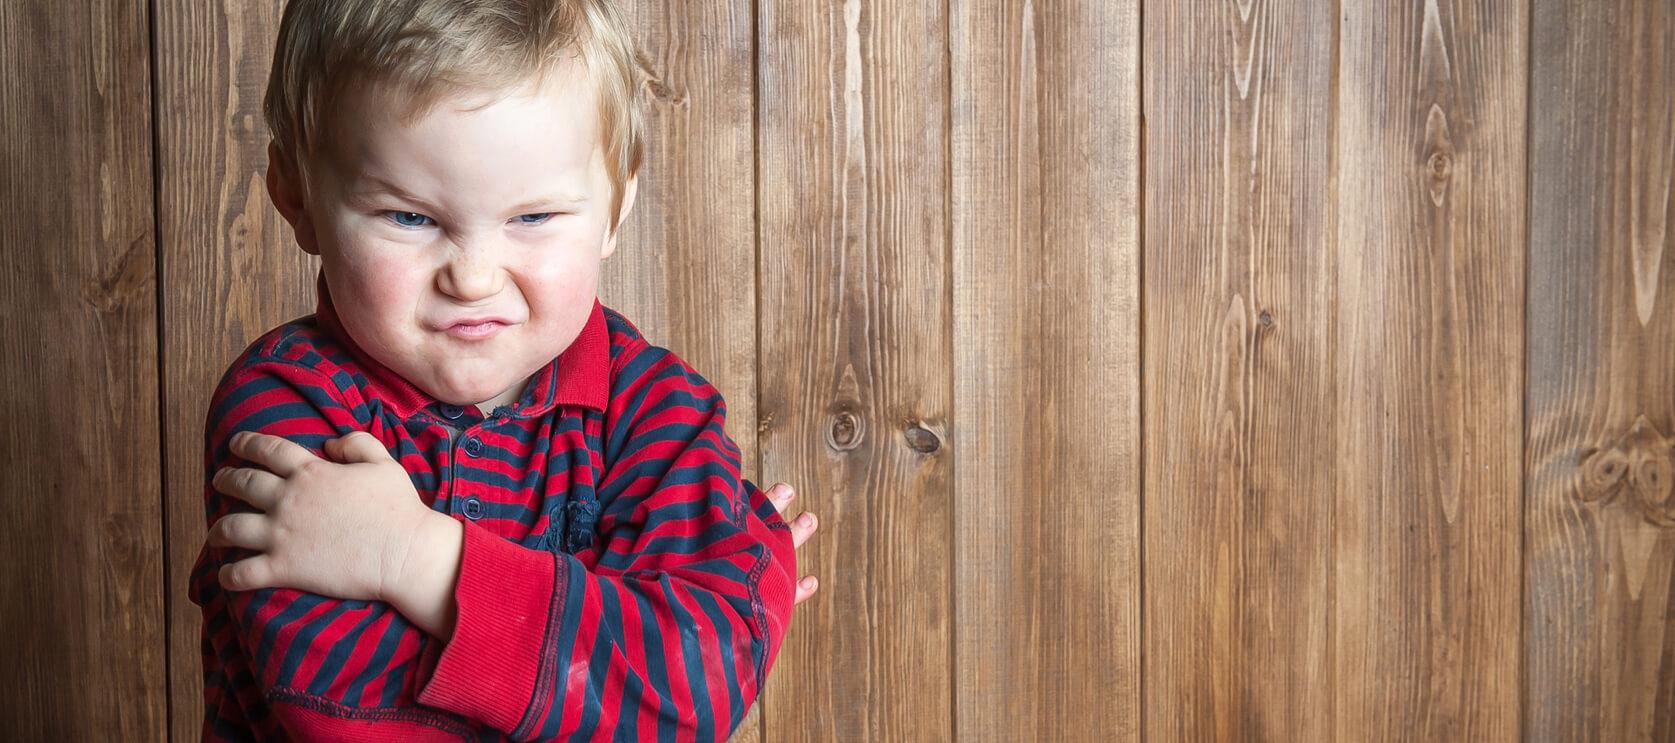 Daj dziecku przestrzeń do swobodnego wyrażania złości